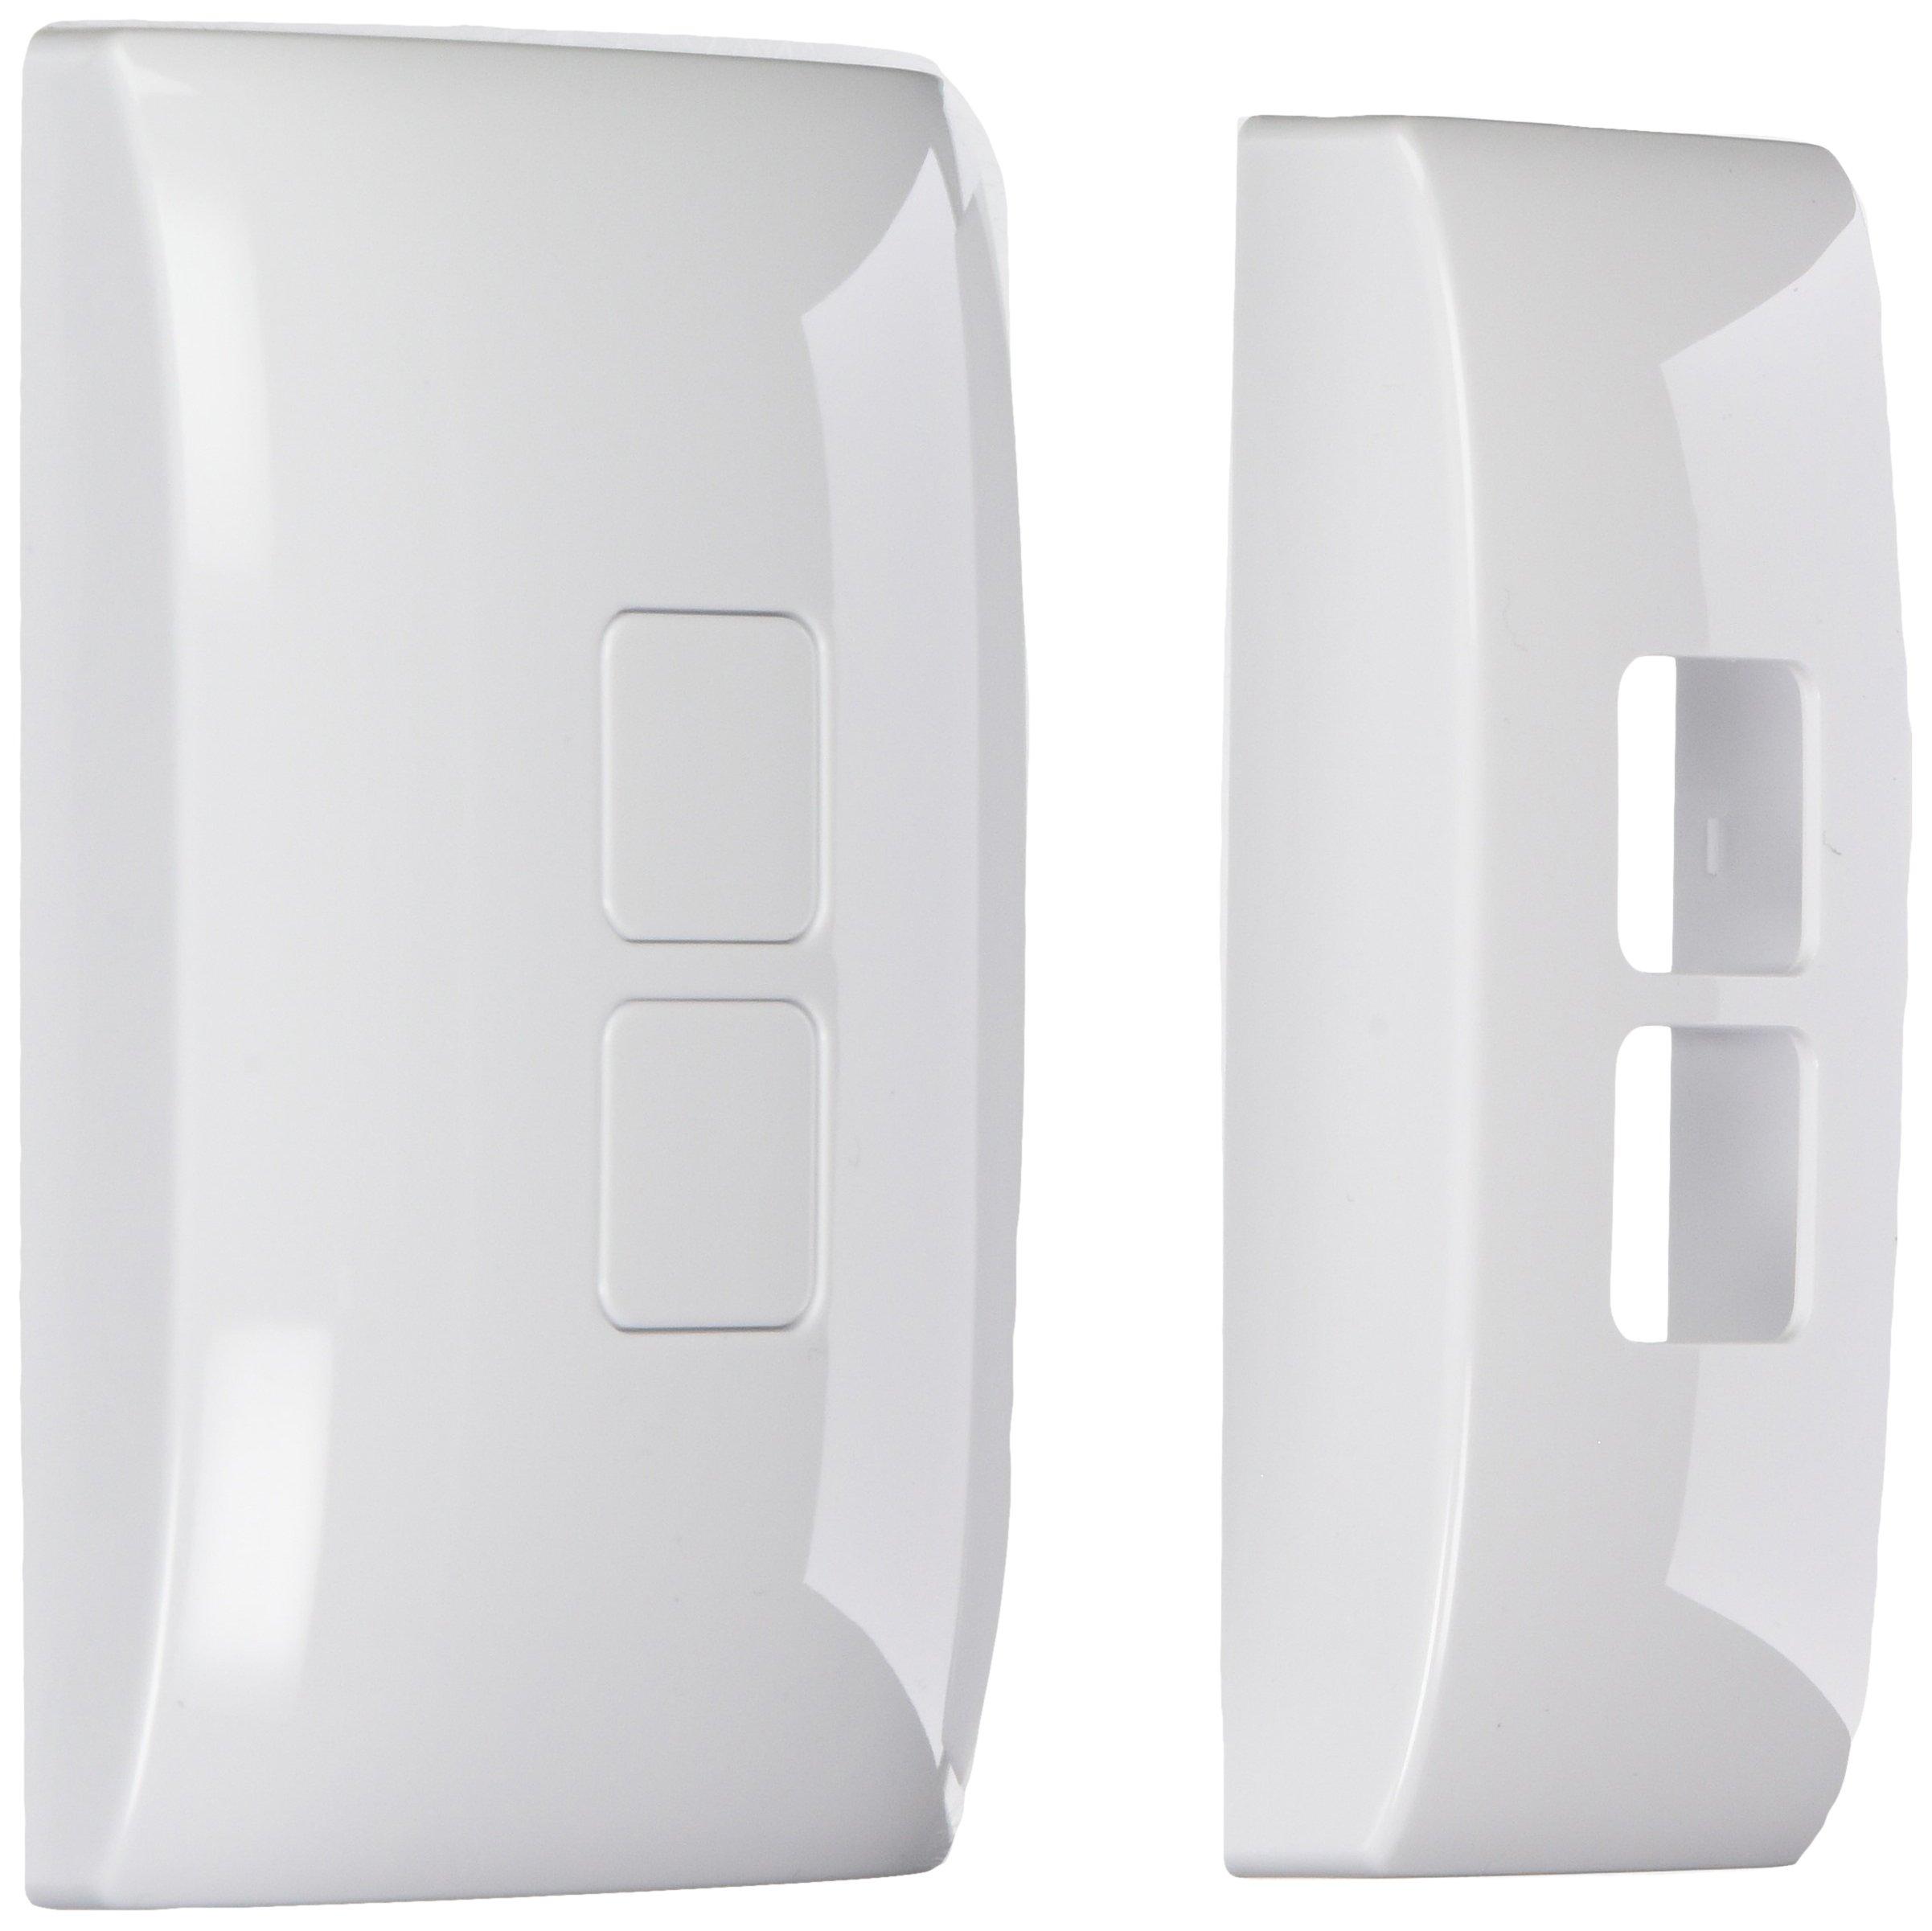 GoControl WA00Z-1 Z-Wave Scene-Controller Wall Switch (White)